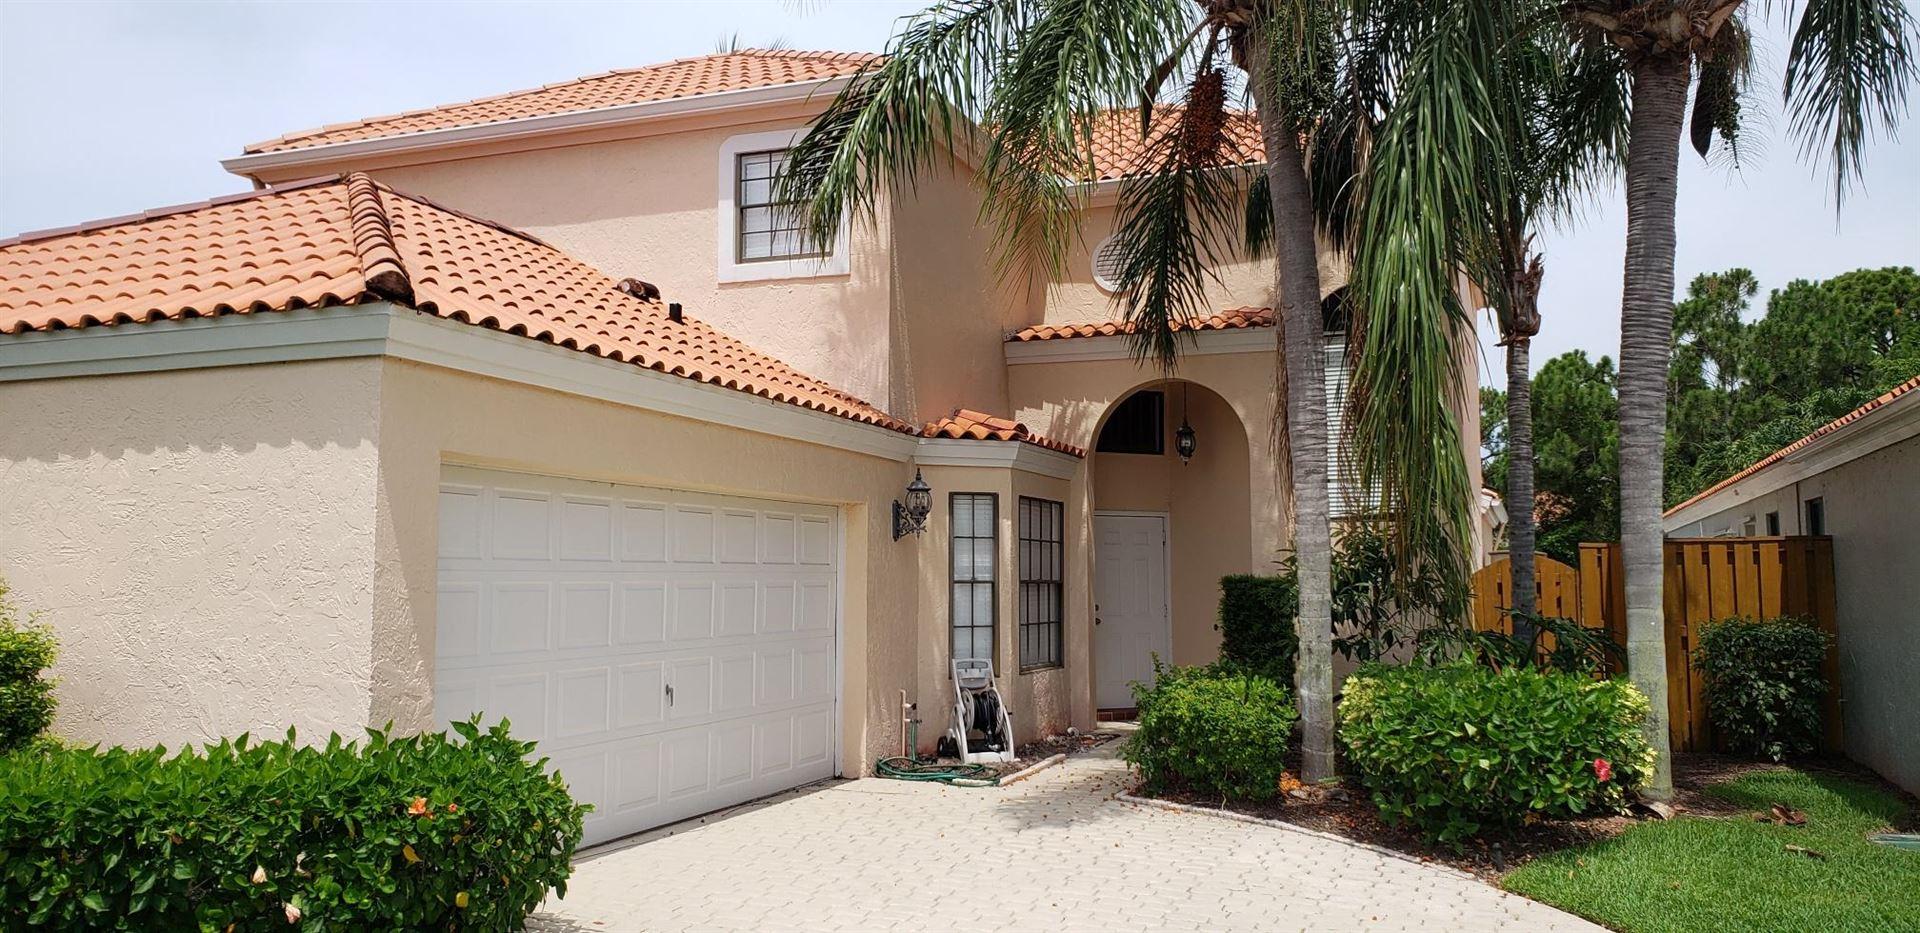 13181 Crisa Drive, Palm Beach Gardens, FL 33410 - #: RX-10628656